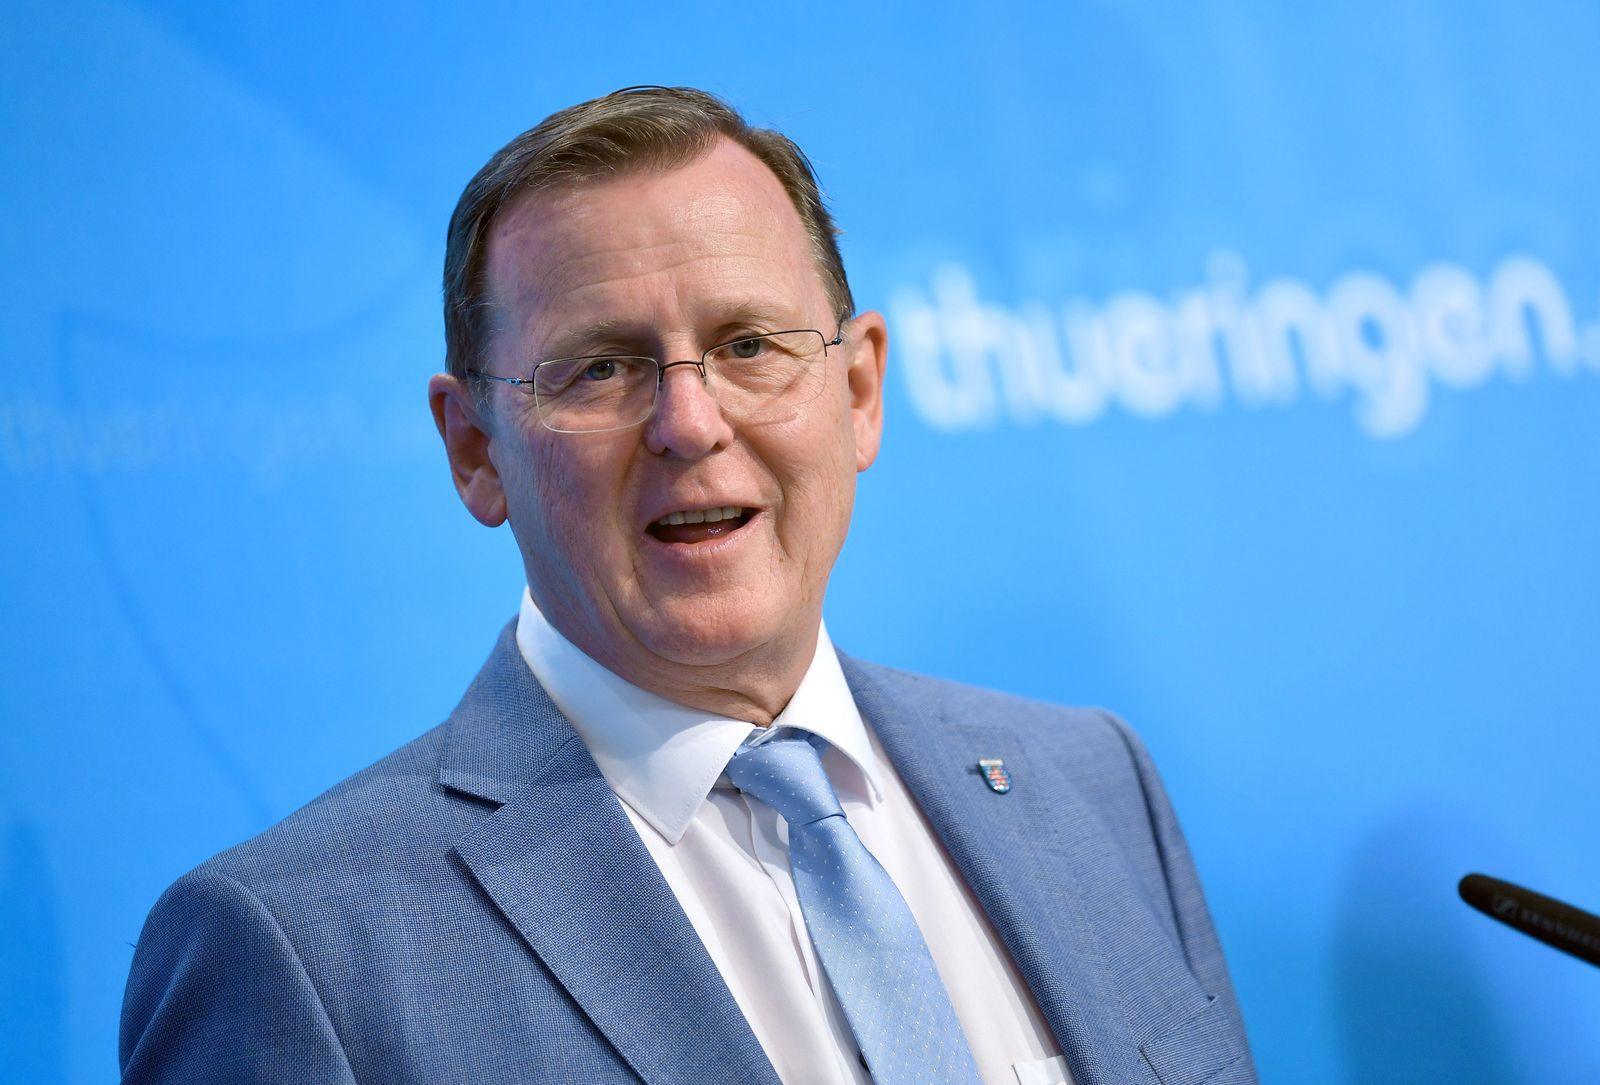 Thüringens Landesregierung zu 30 Jahre Thüringen